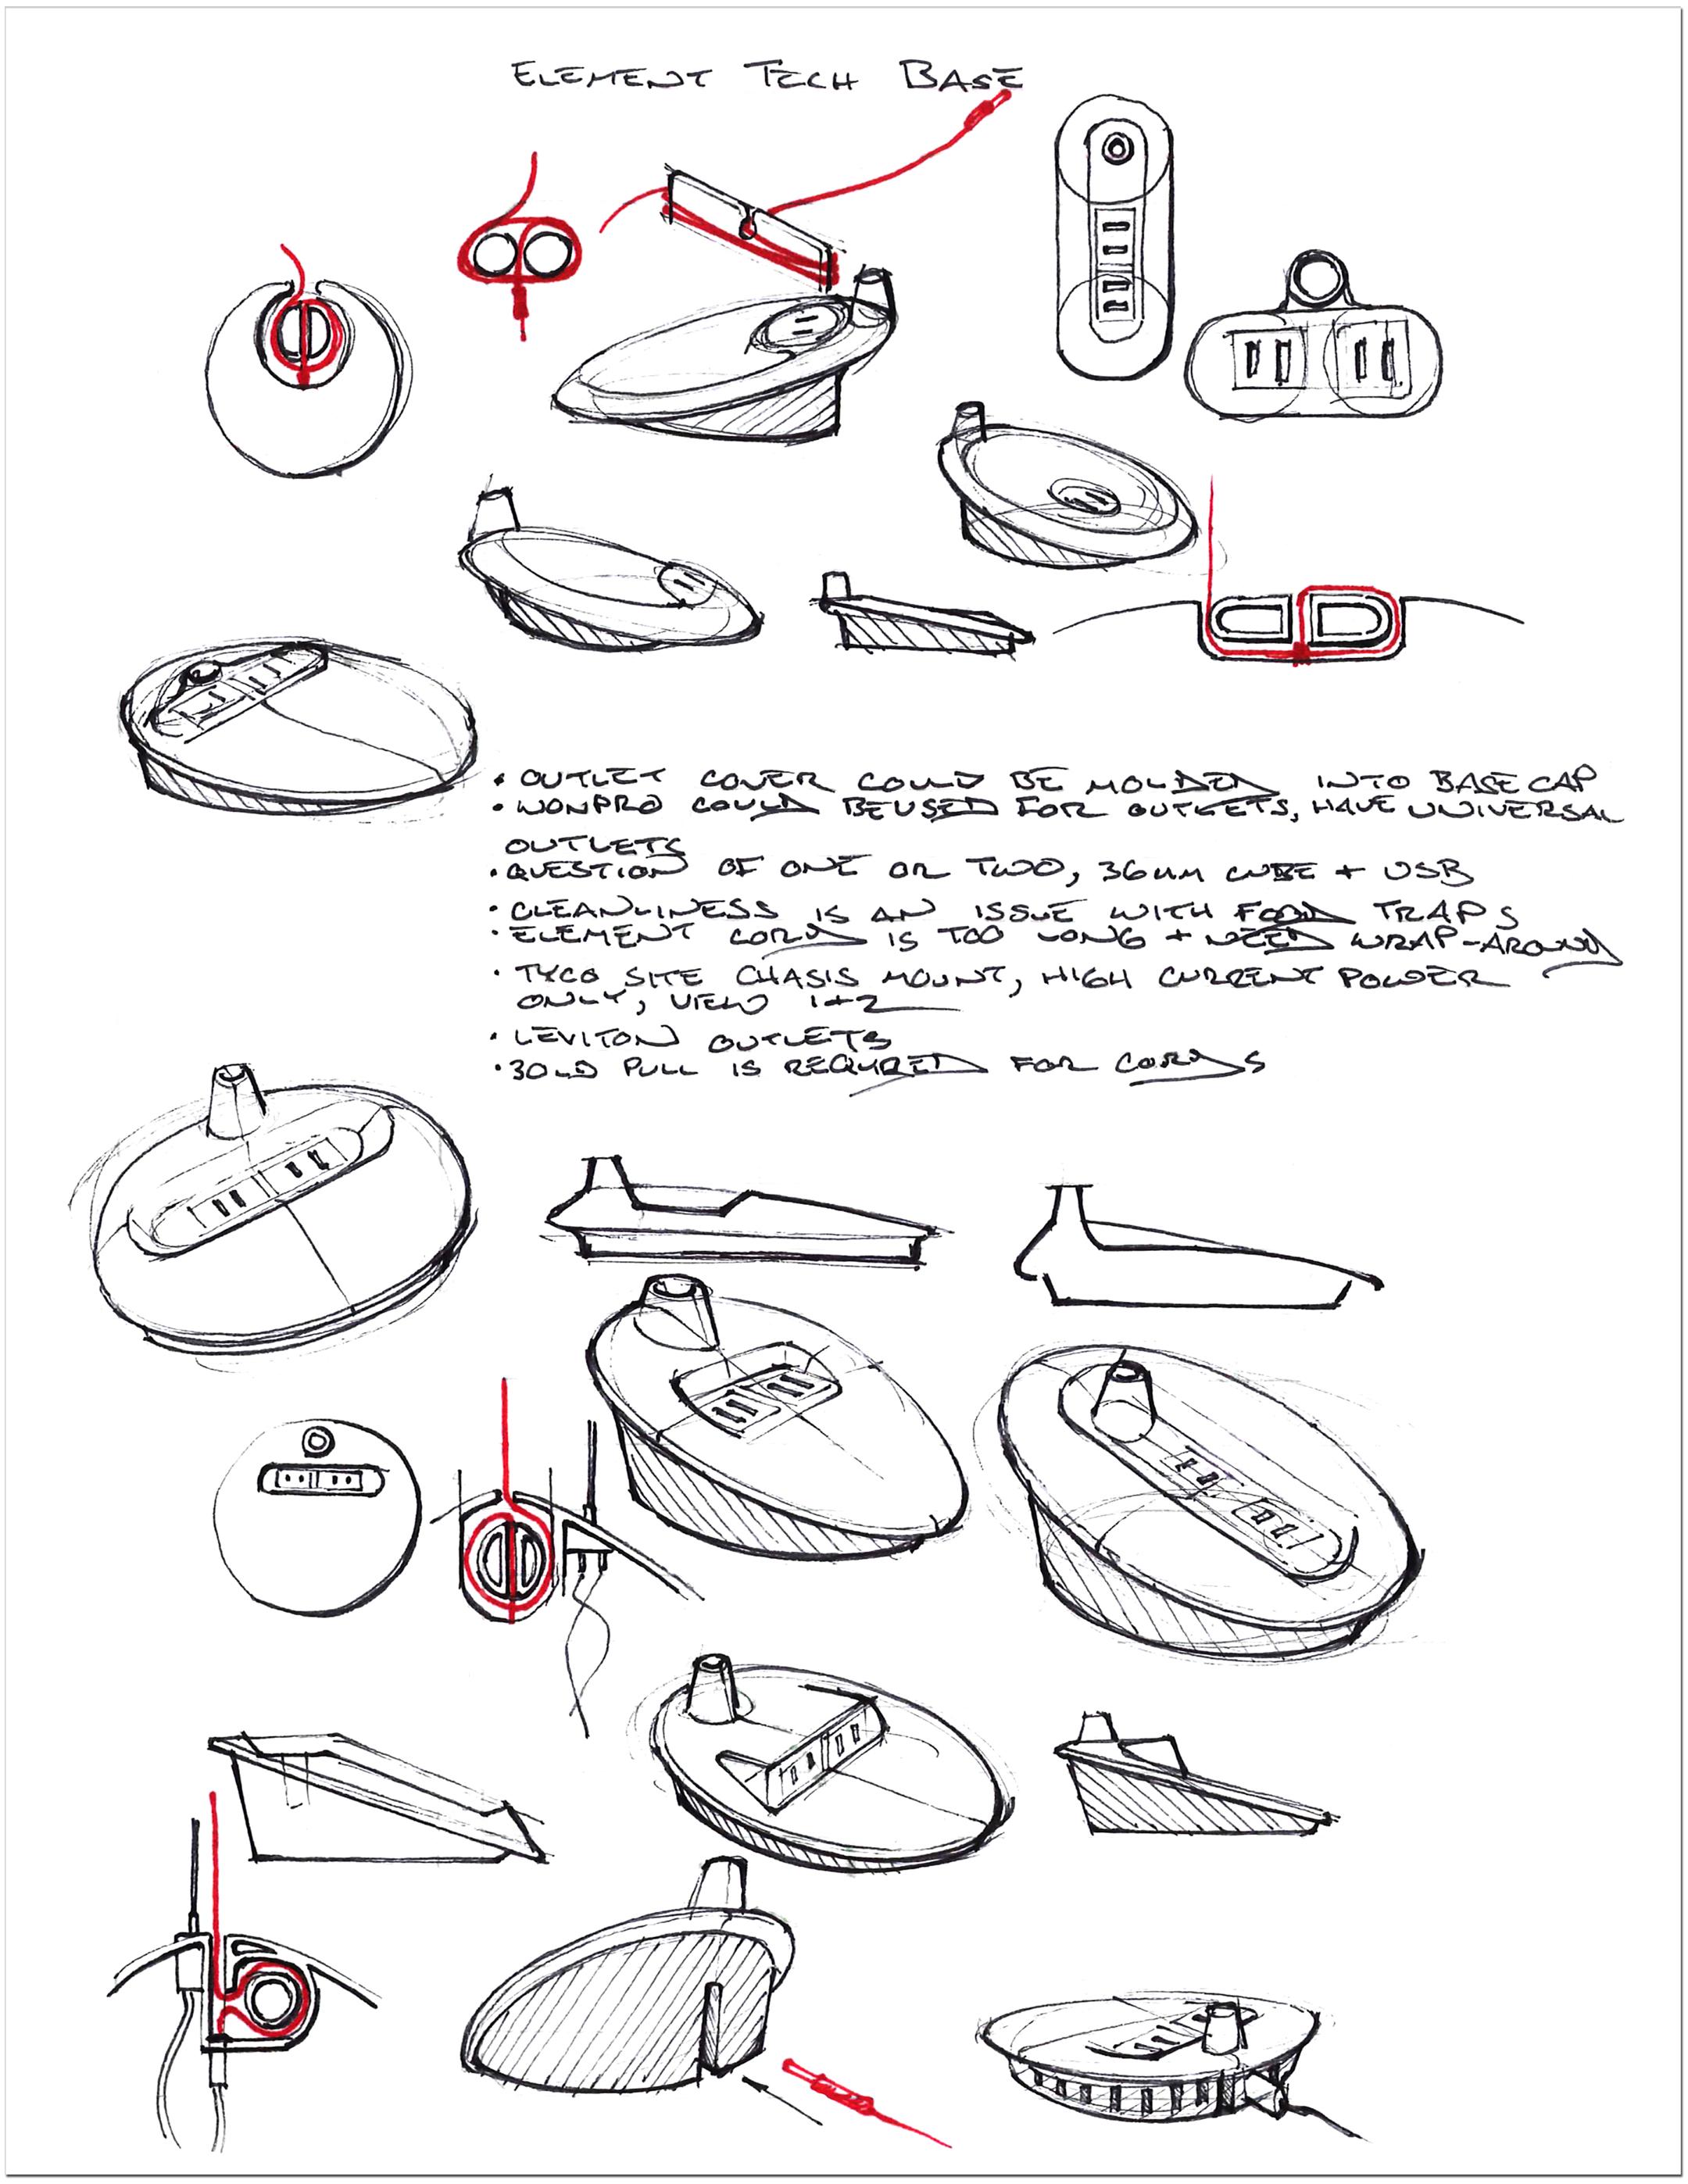 120807_Tech-base-sketchbook_shadow05.jpg